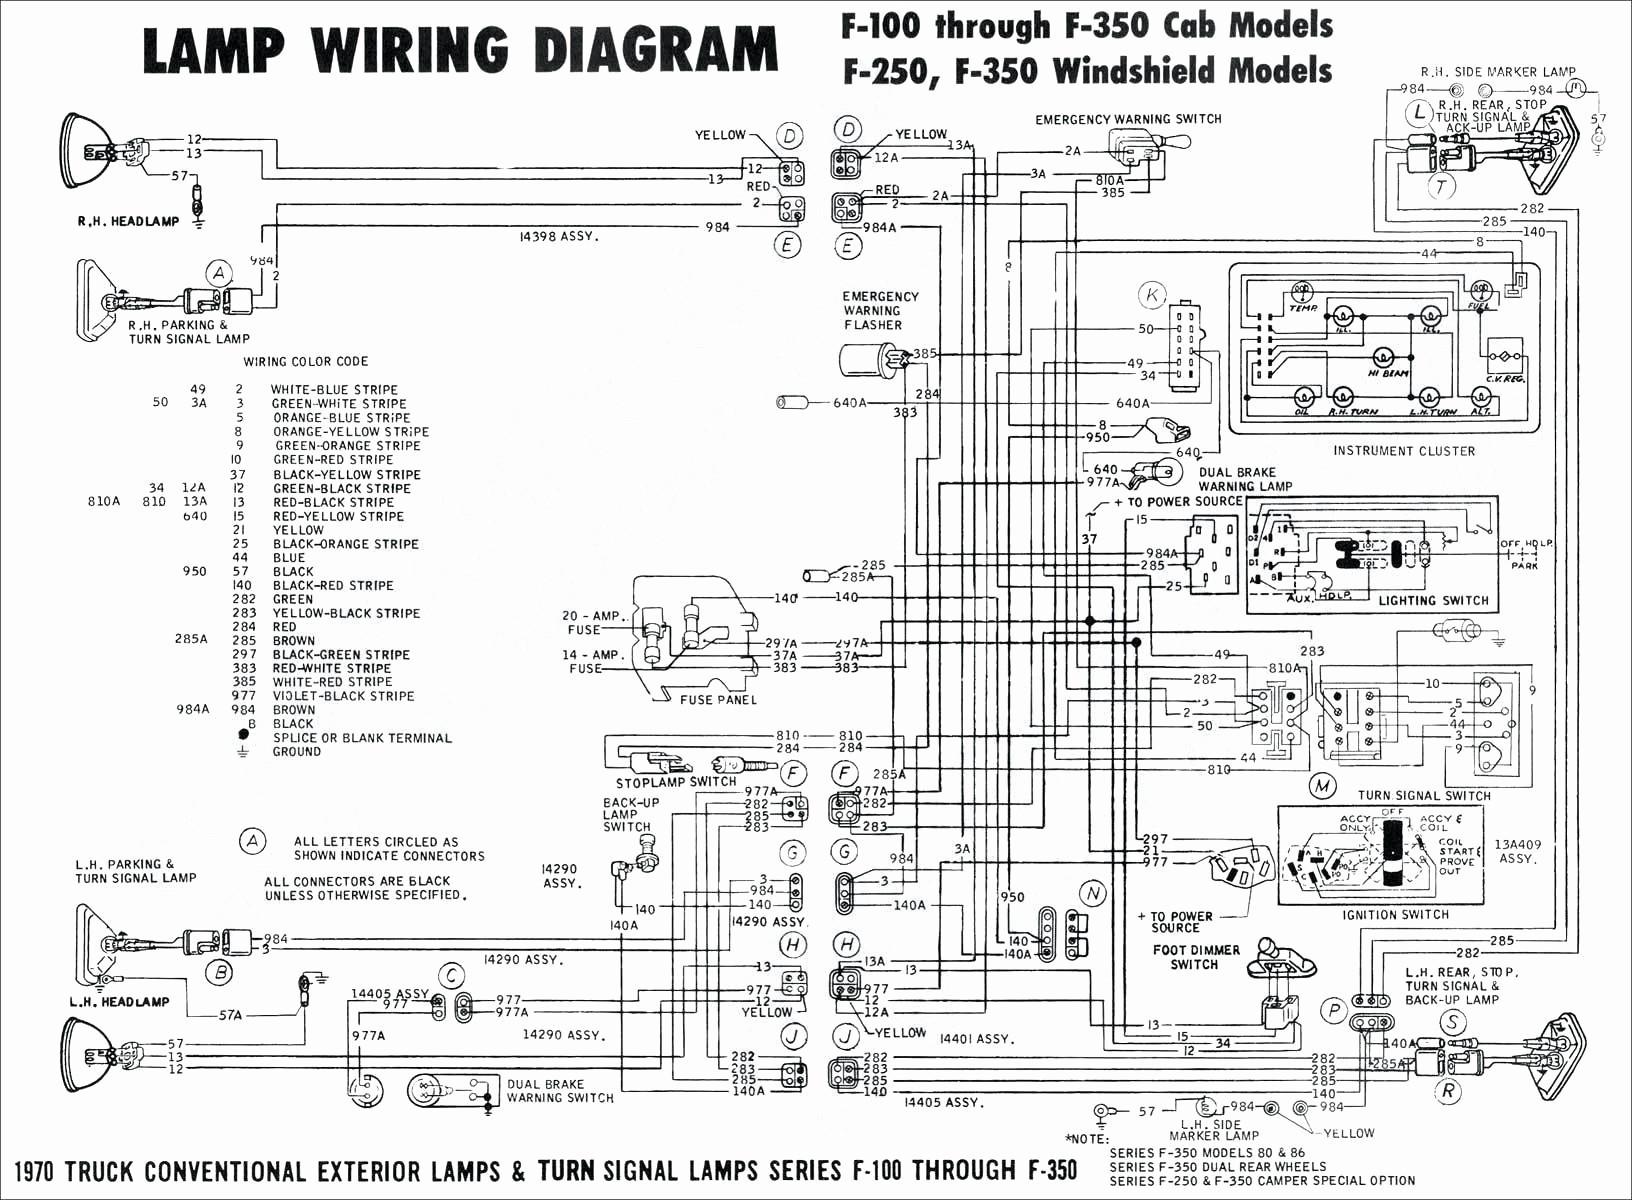 Caterpillar Engine Parts Diagram Cat Excavator Wiring Diagrams Wiring Diagram Paper Of Caterpillar Engine Parts Diagram